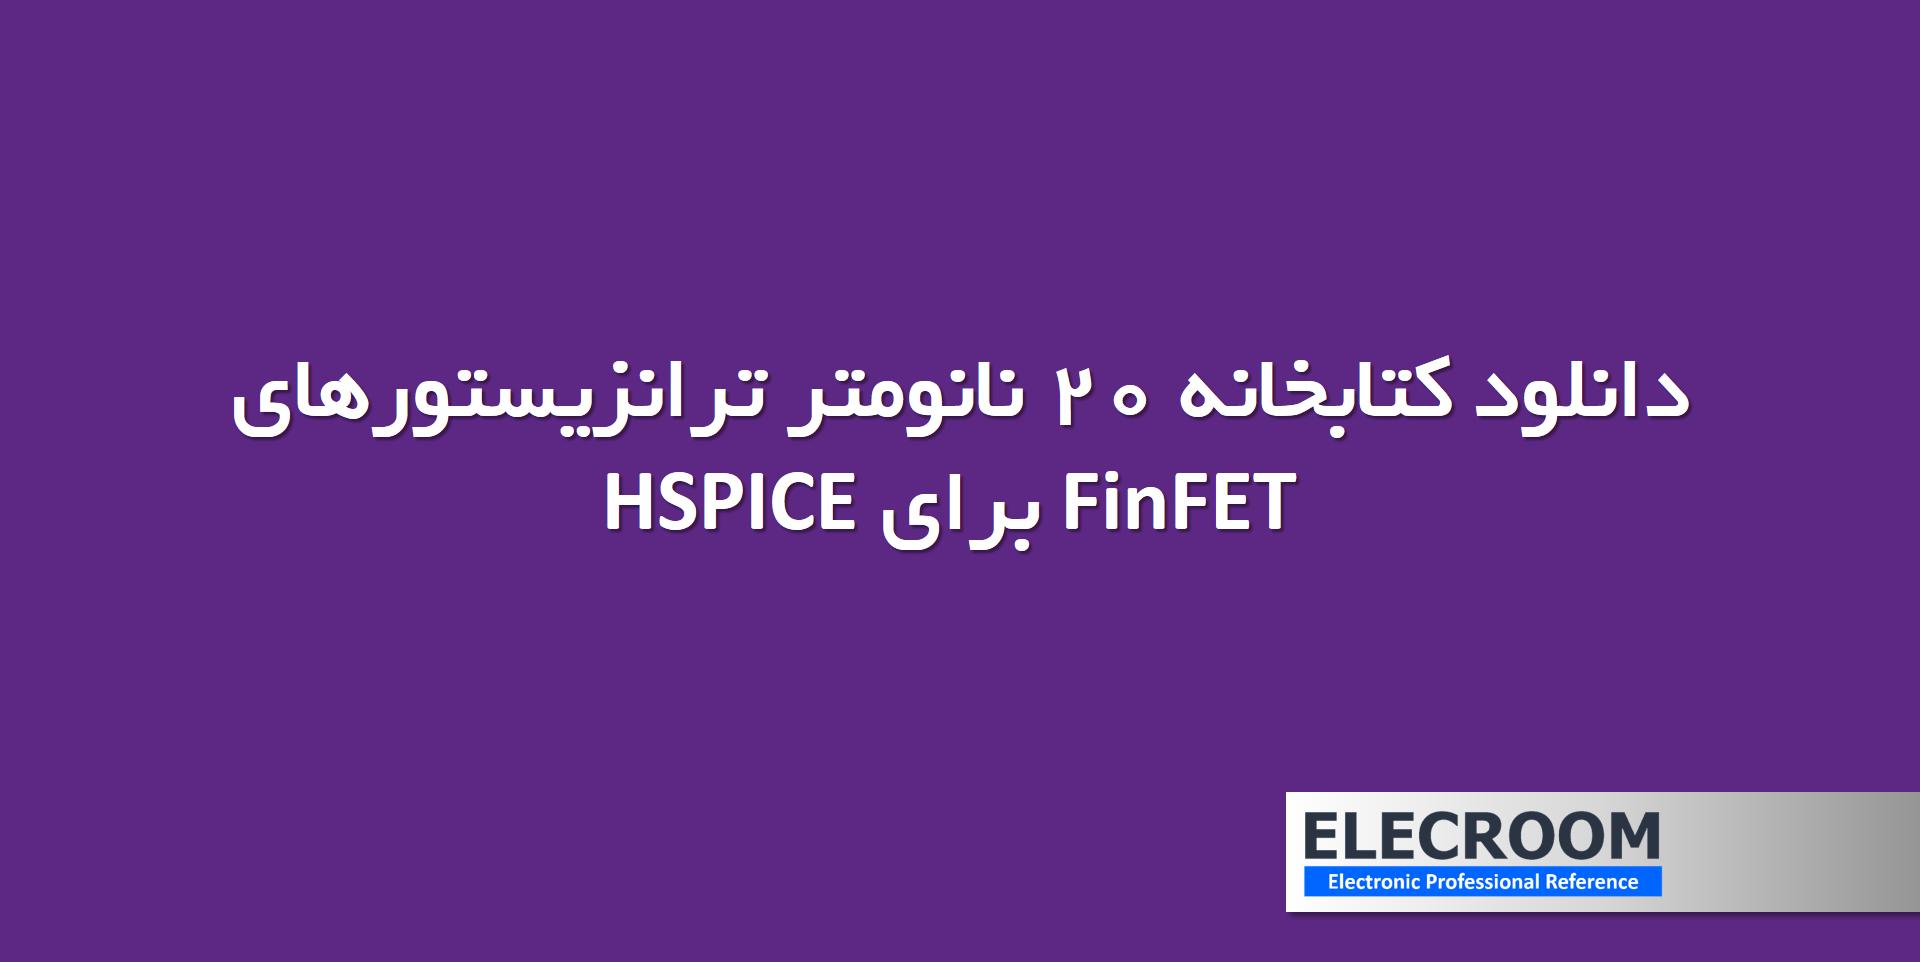 دانلود کتابخانه 20 نانومتر FinFET برای HSPICE